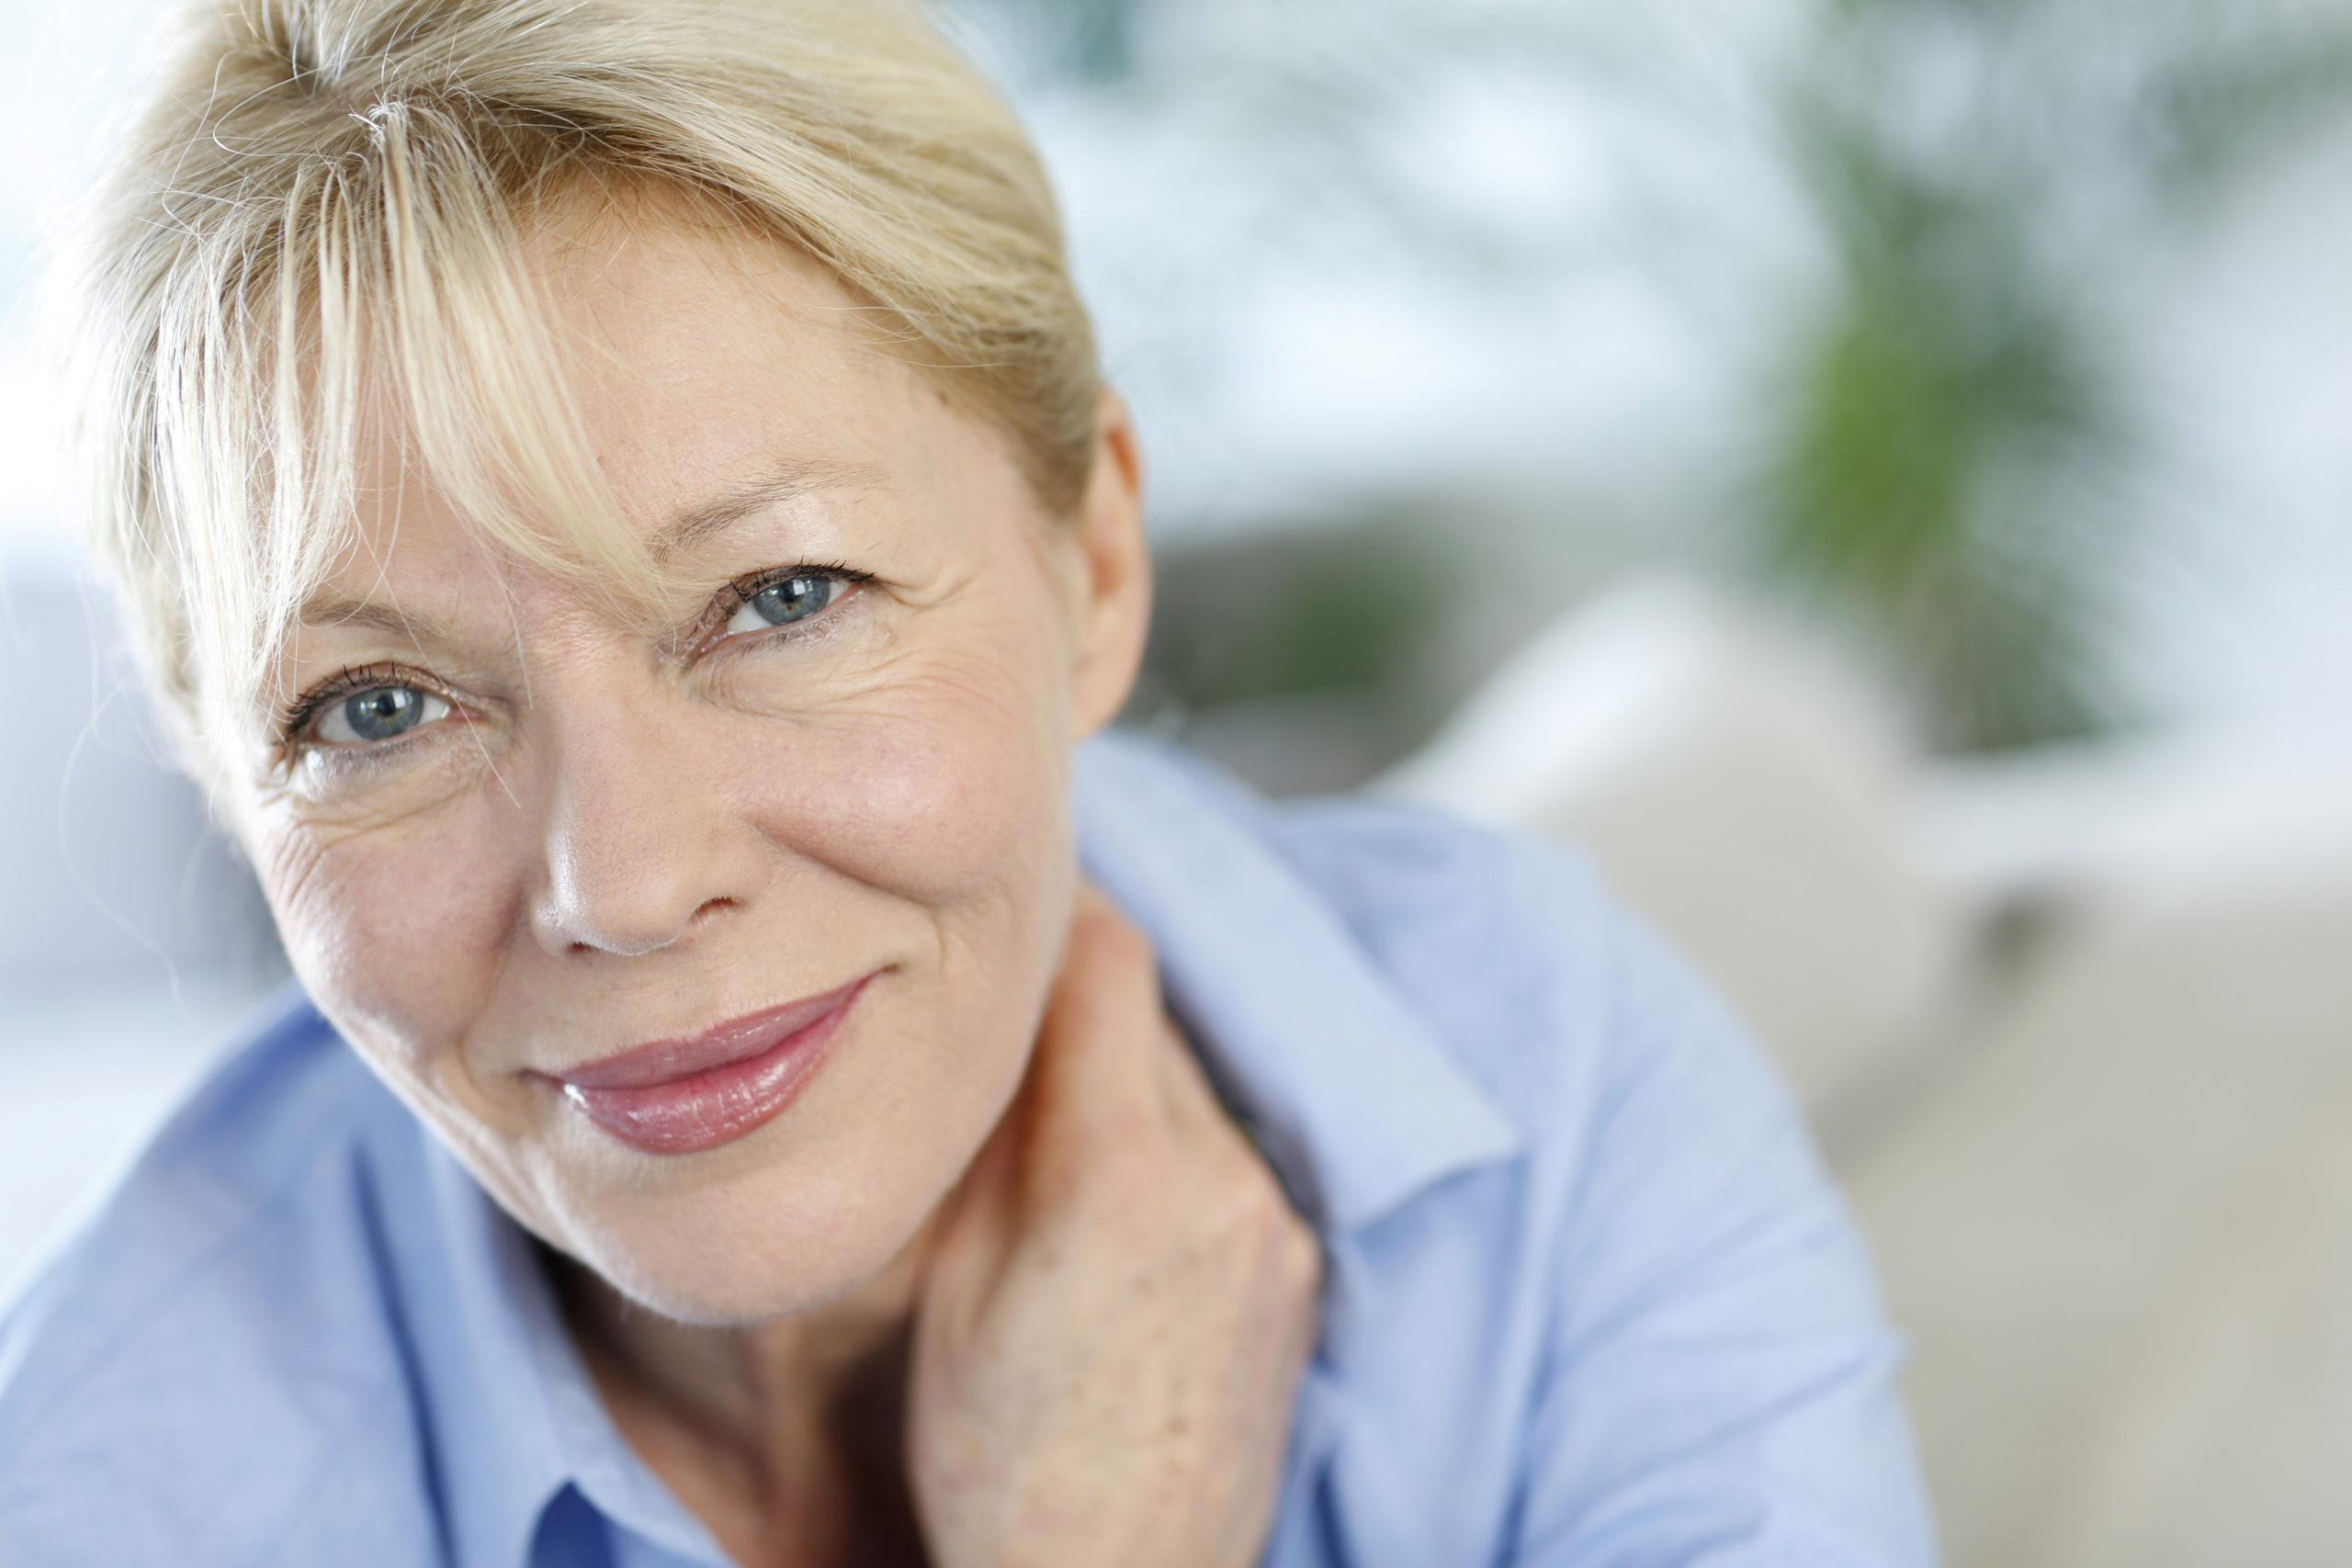 Quelles sont les complications oculaires les plus fréquentes ?